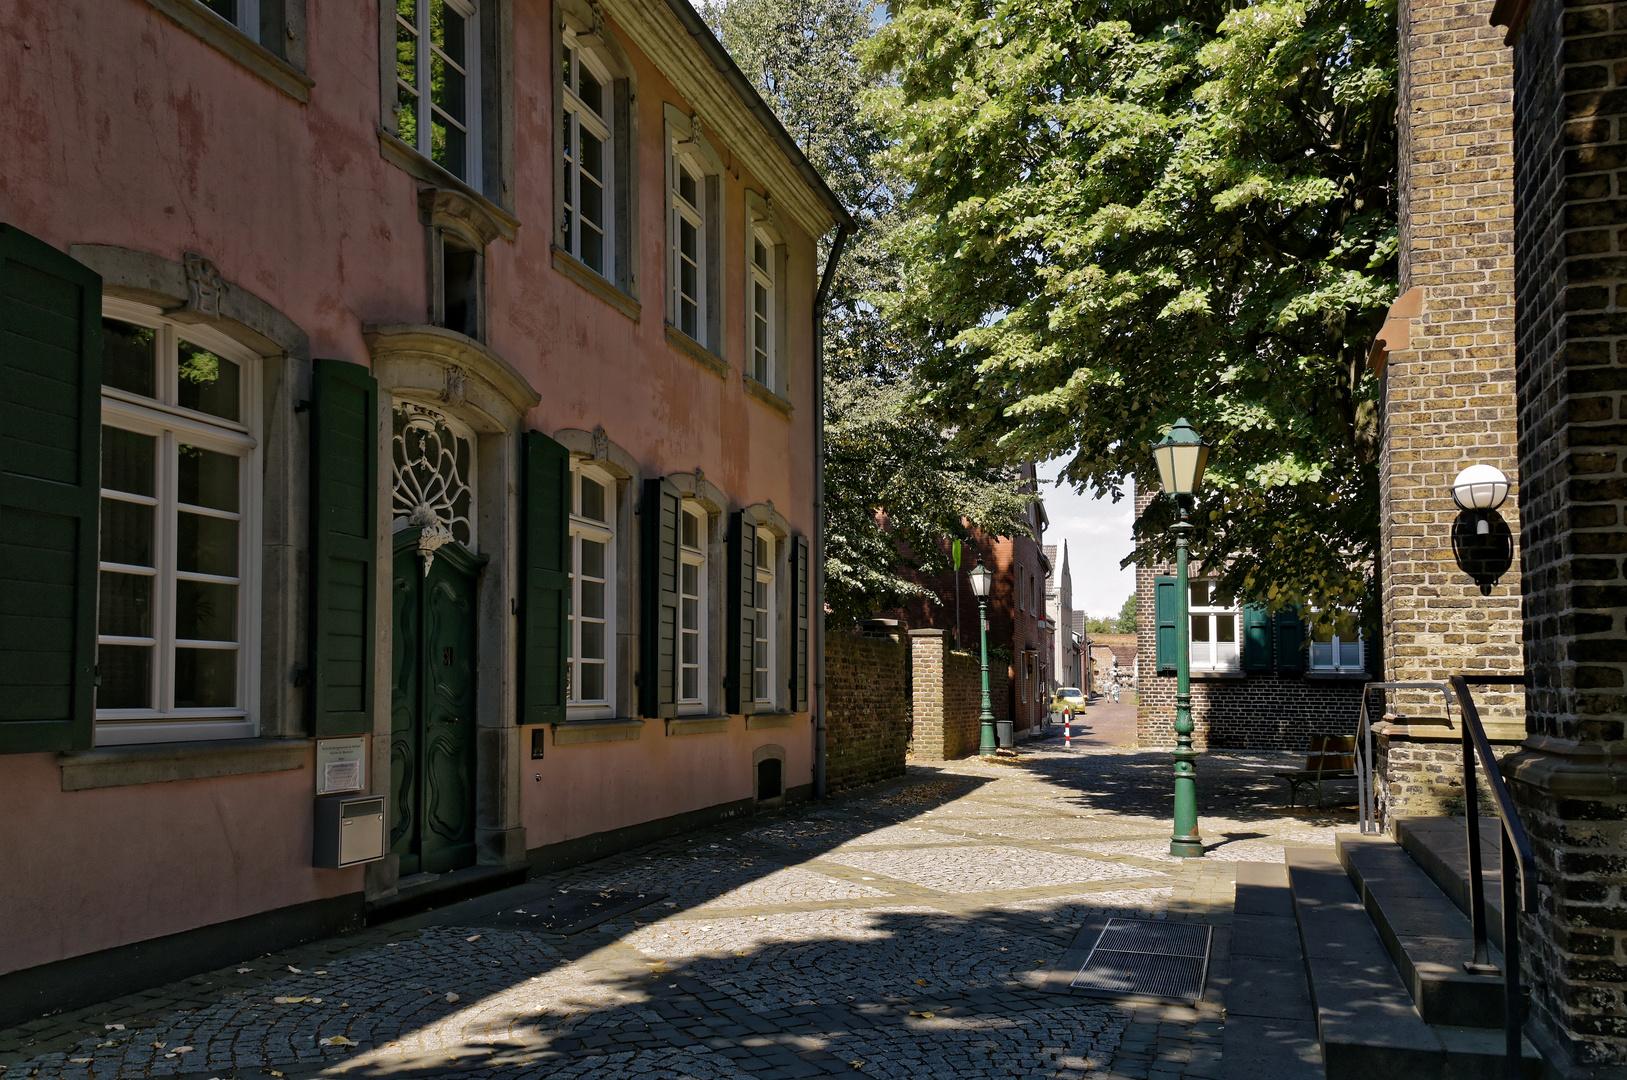 Zons / Gladbeck bei Düsseldorf